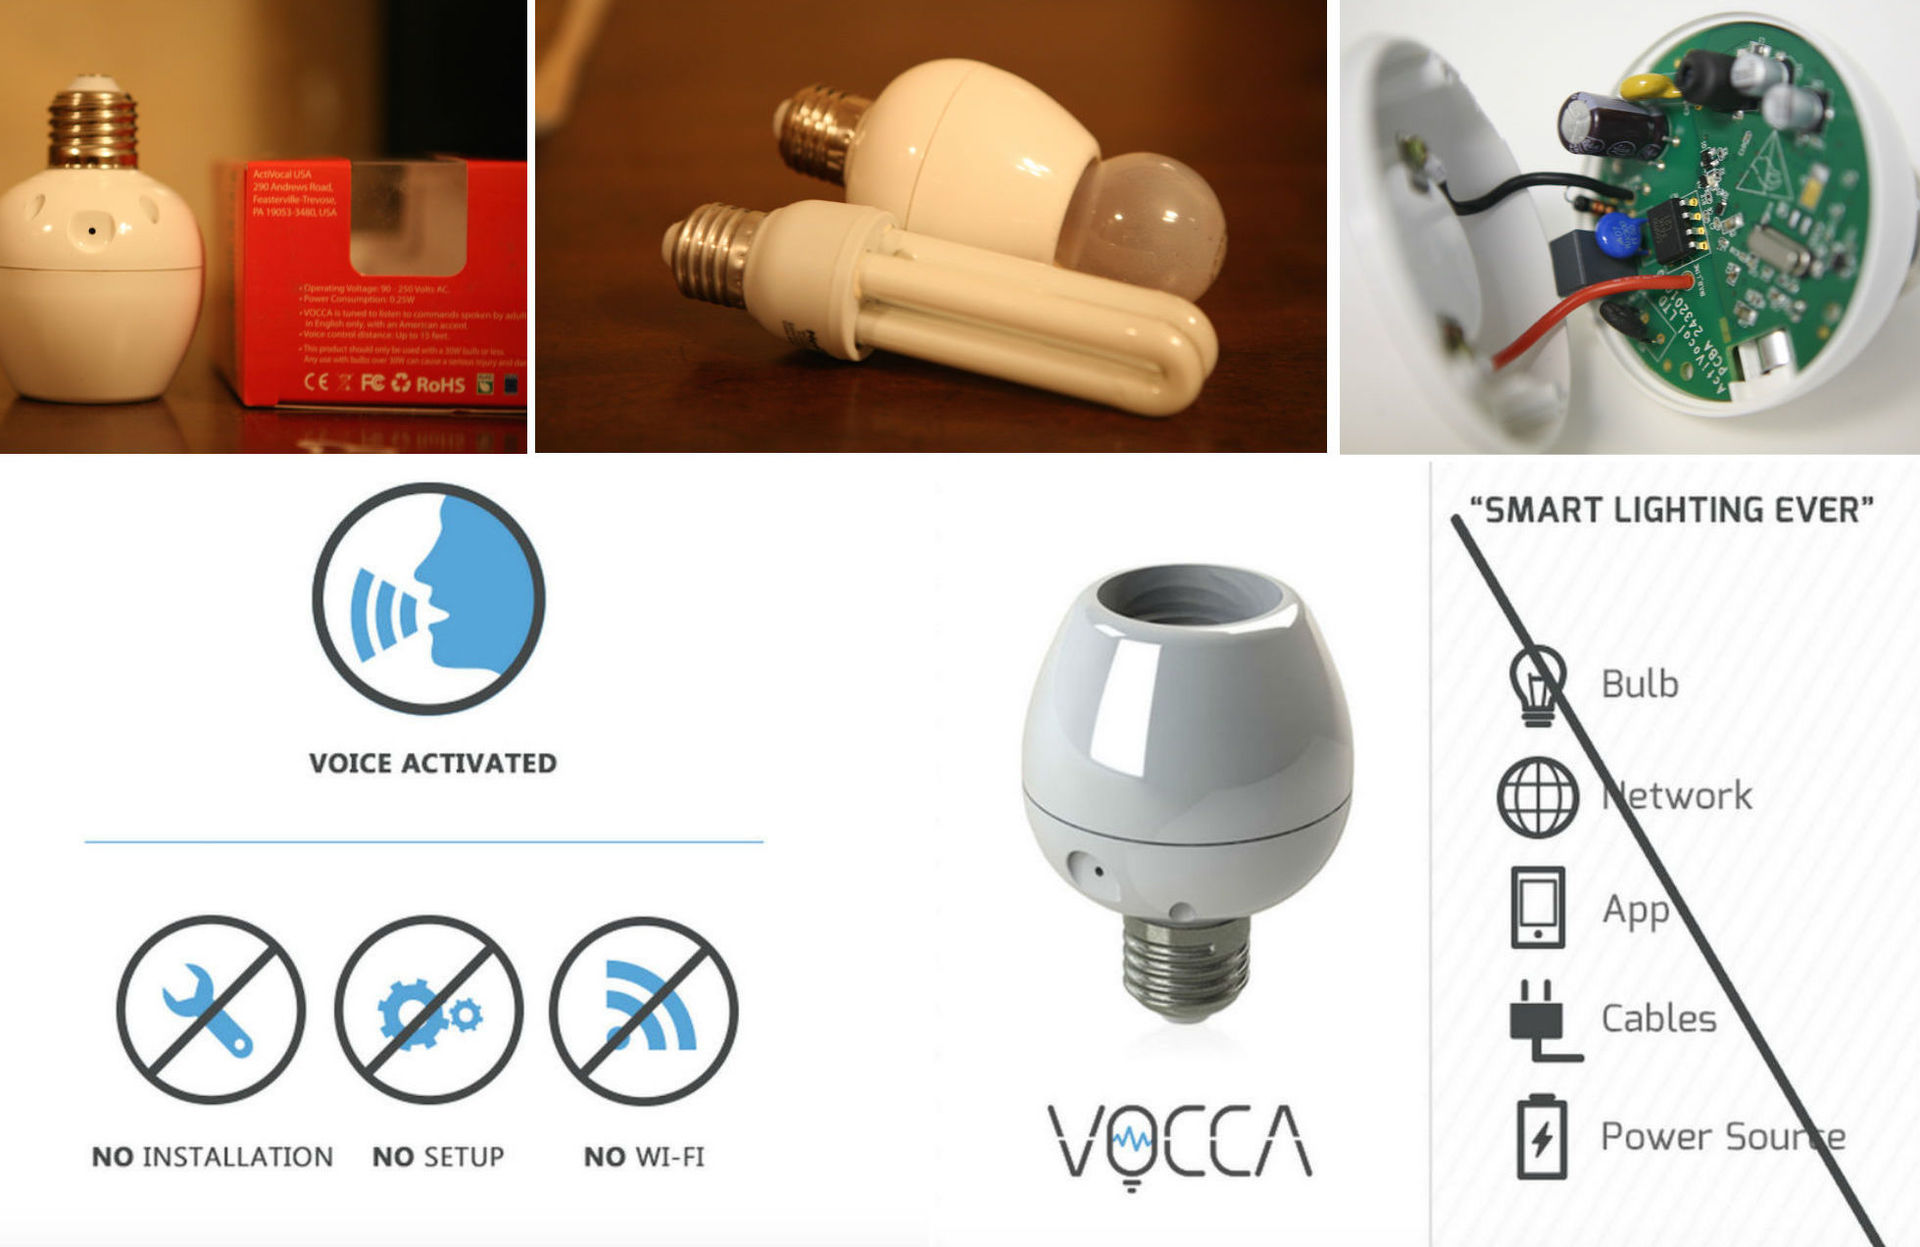 Как говорить с лампочкой — обзор смарт-патрона VOCCA - 1